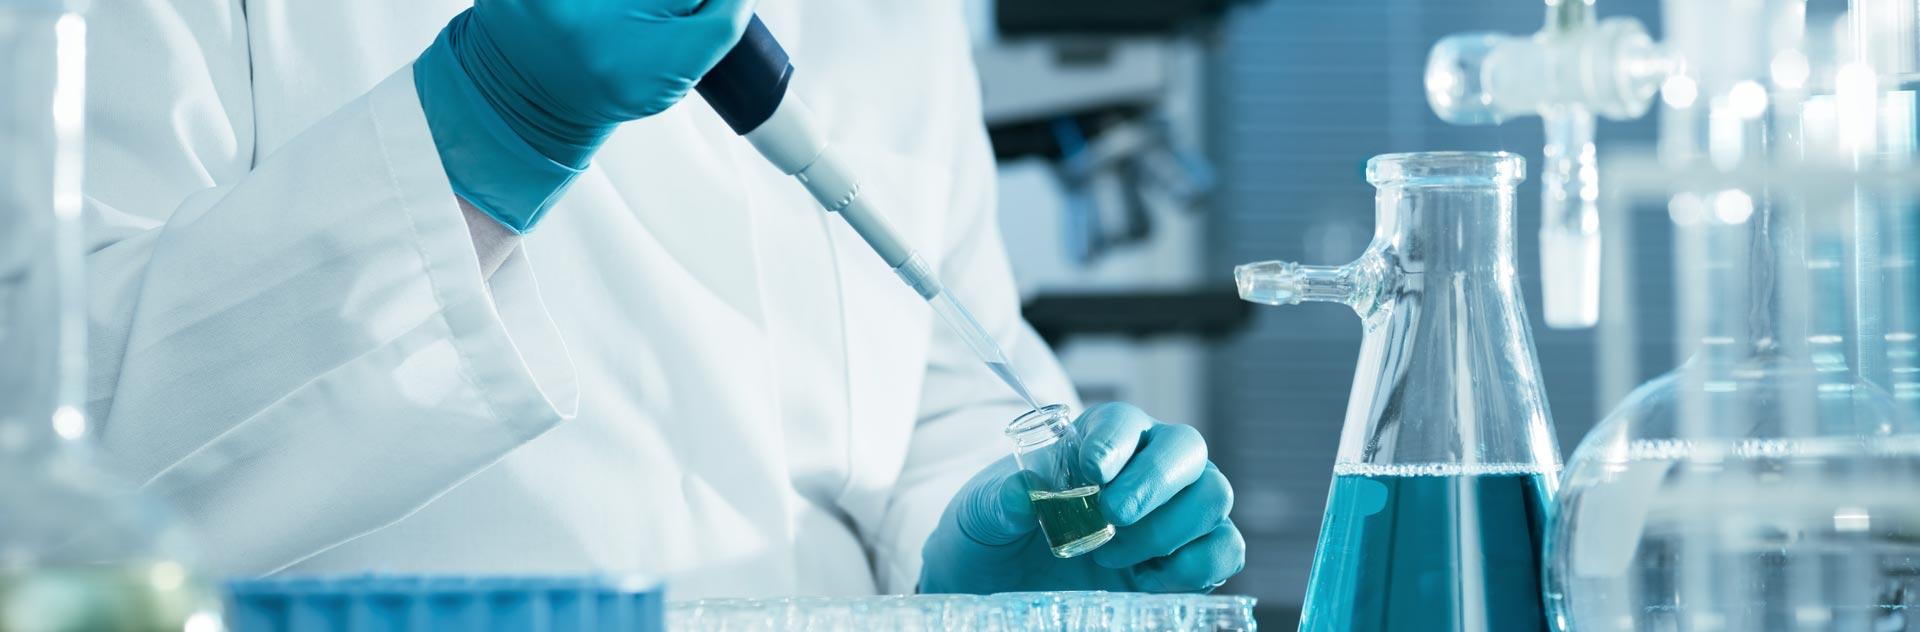 Imagen del tratamiento de Bioestimulación Capilar con Minoxidil CAPILAXIS de Capilárea